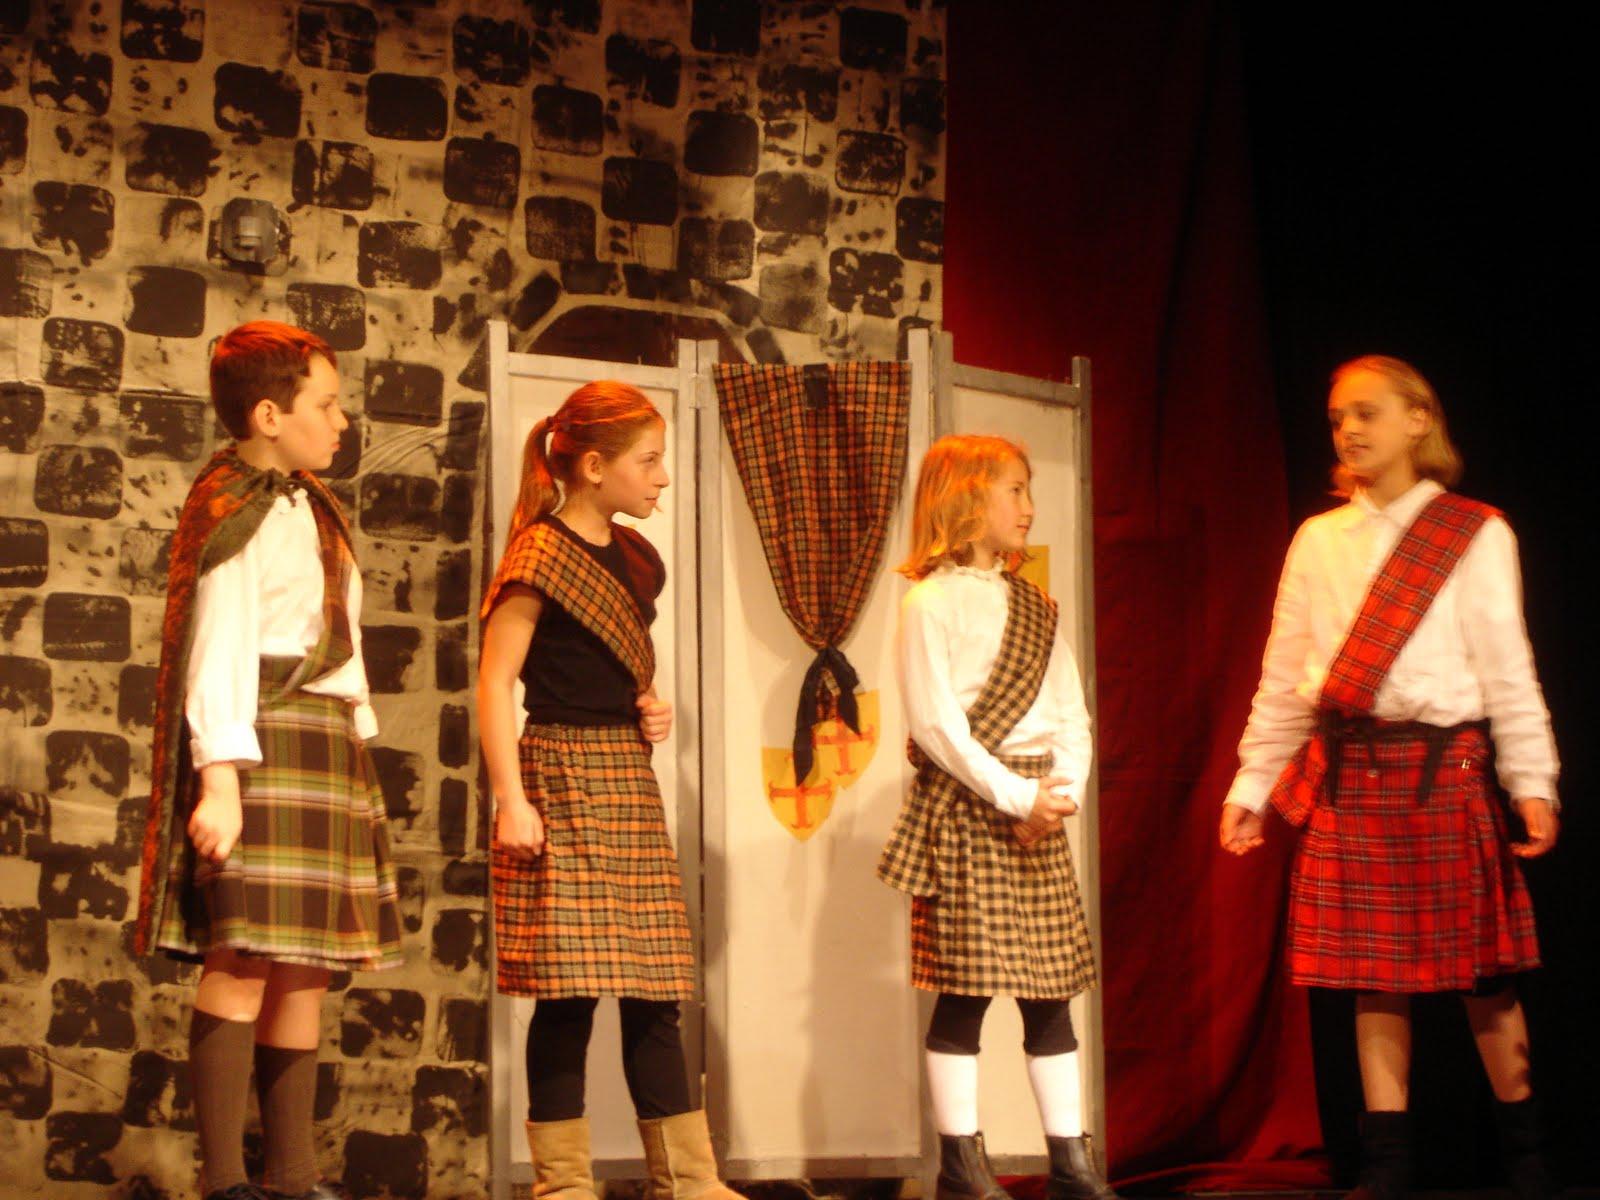 Did Lady MAcbeth Know that Macbeth killed Macduffs family?